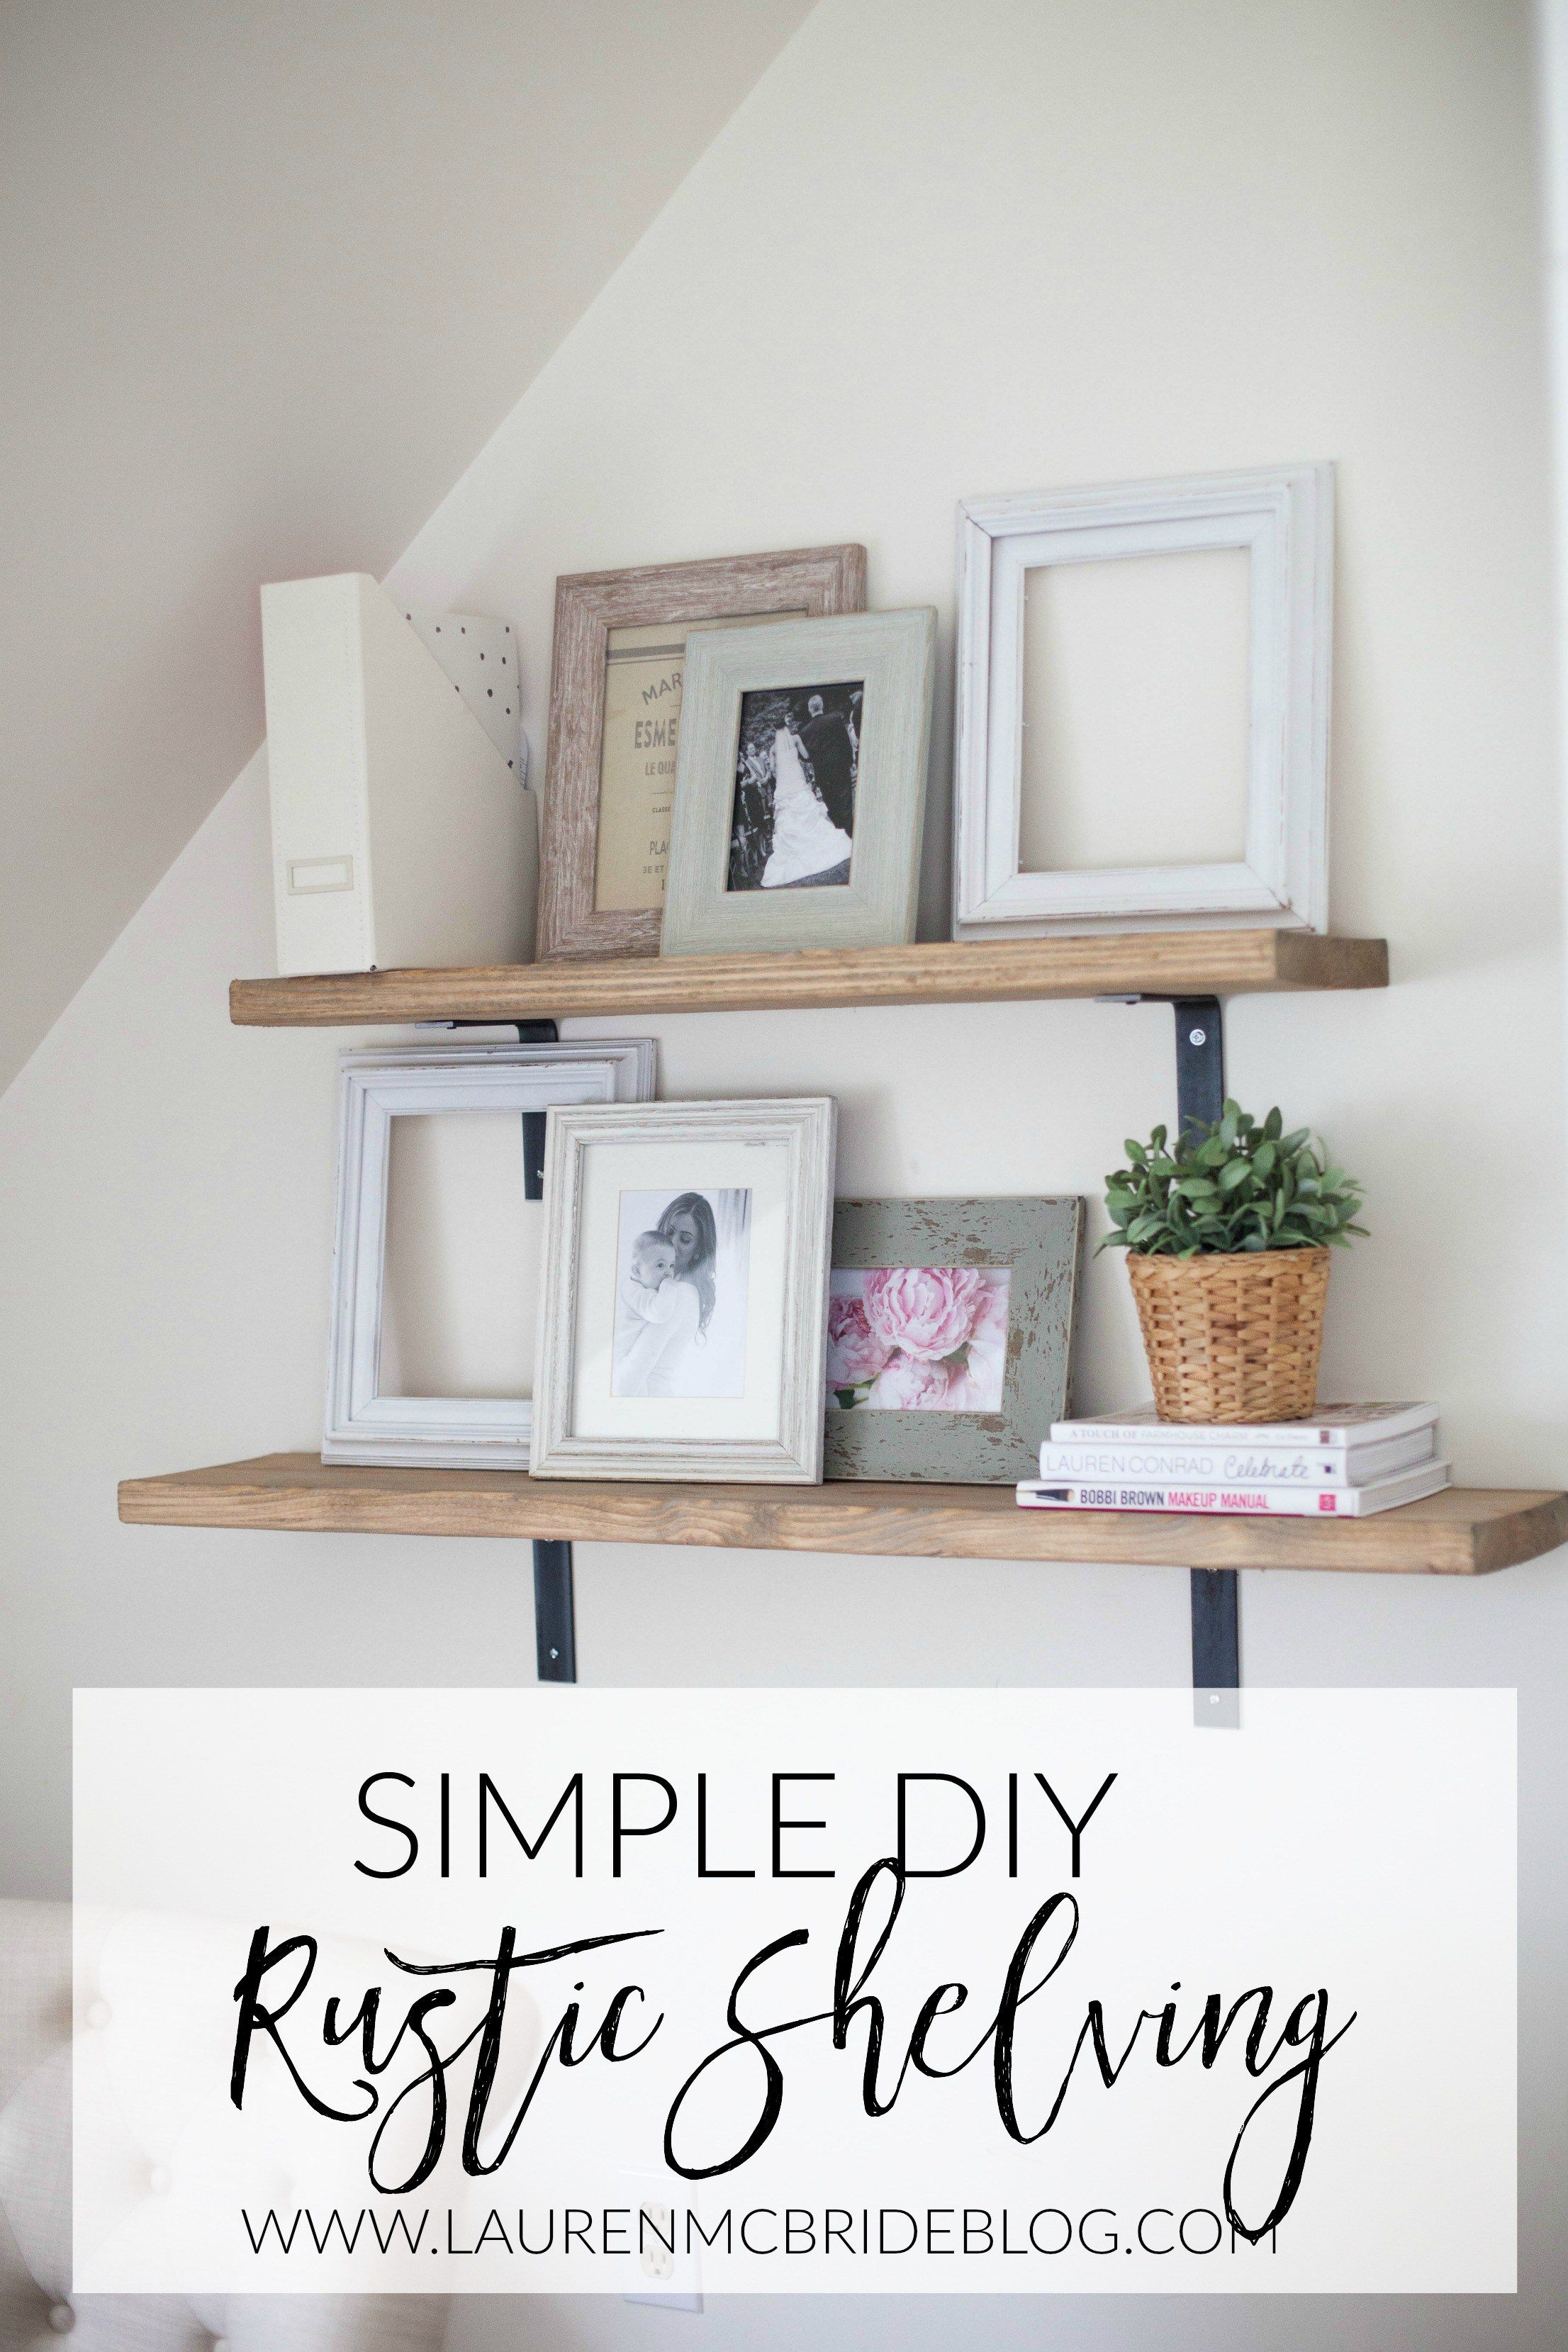 Home // Simple DIY Rustic Shelving | Rustic shelves diy ...